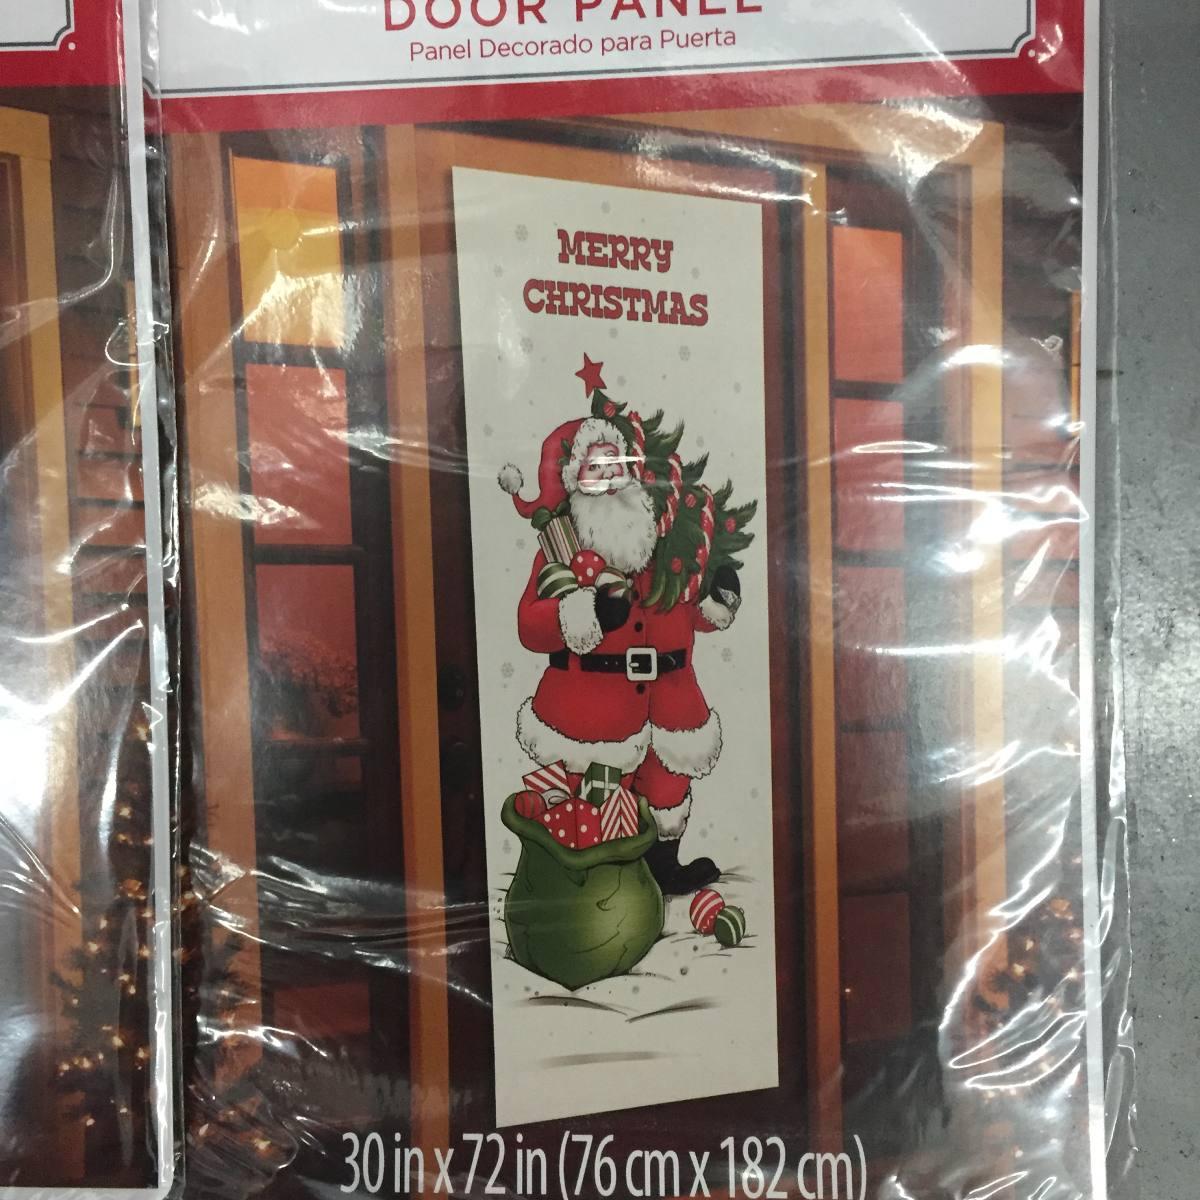 6 adornos de navidad para puertas en mercado libre for Adorno navidad puerta entrada